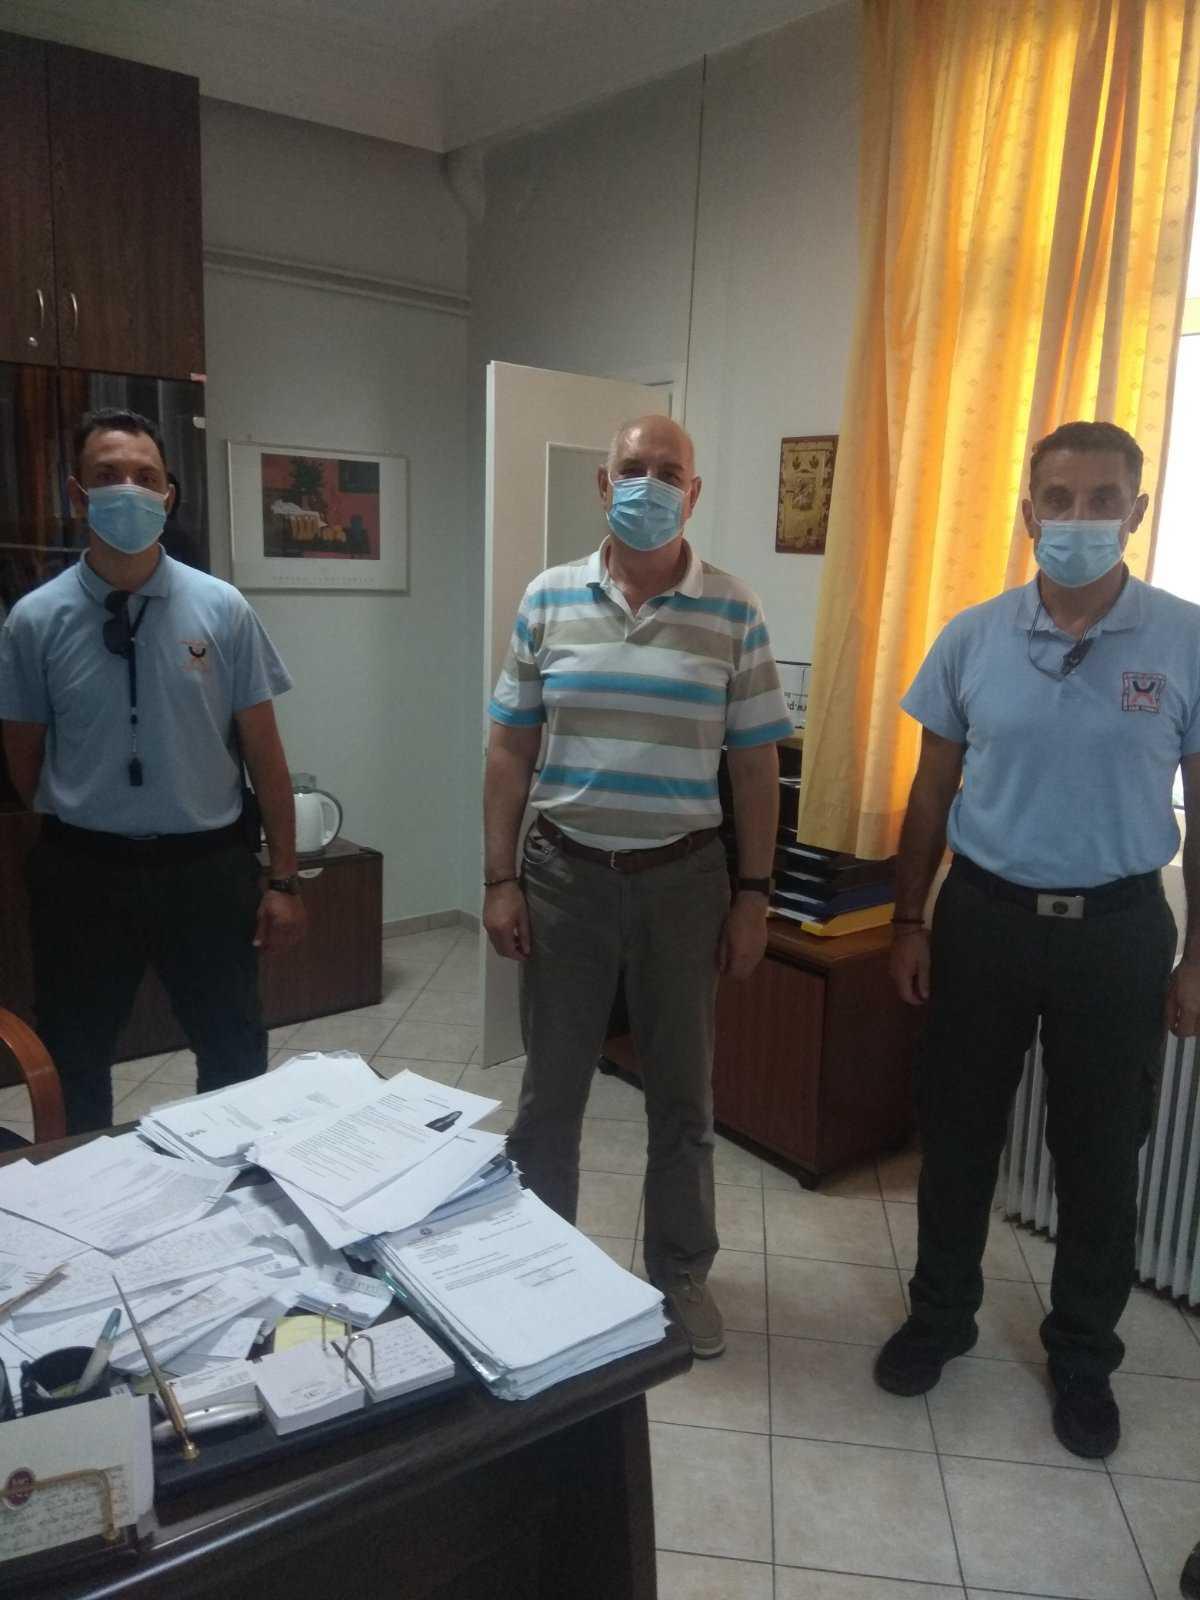 Κορωνοϊός: Ενημερώσεις της Δημοτικής Αστυνομίας Κοζάνης για τη χρήση μάσκας